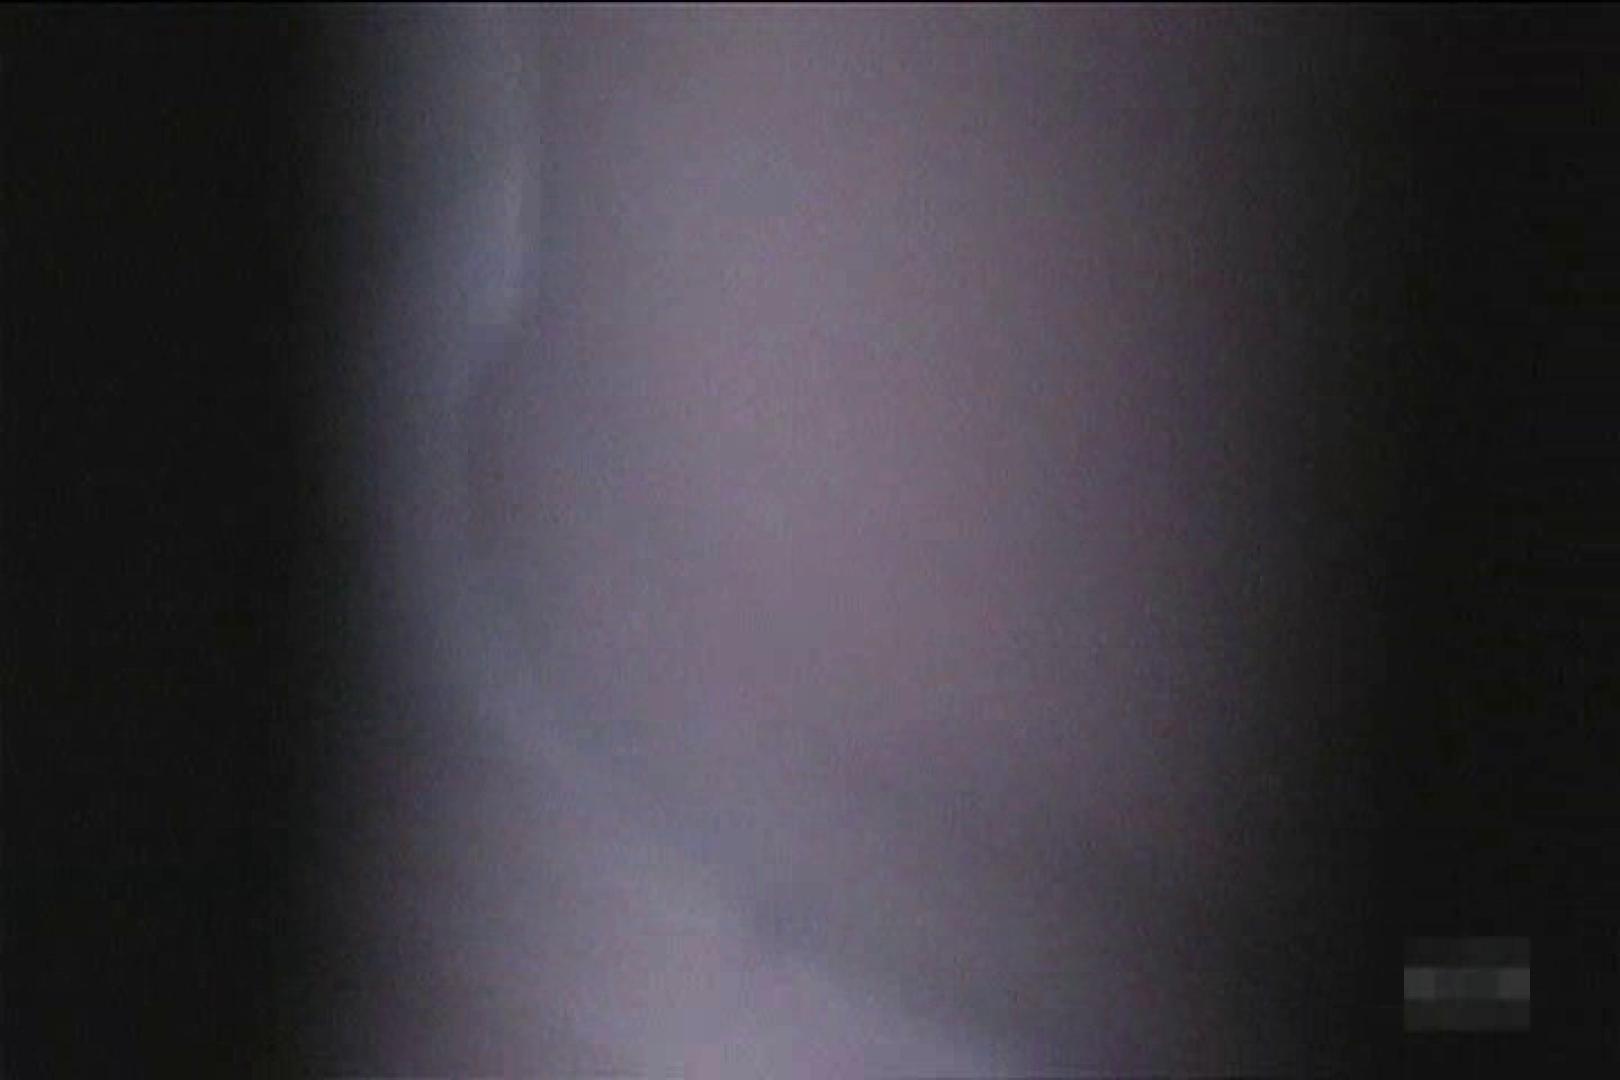 激撮ストーカー記録あなたのお宅拝見しますVol.11 プライベート 盗撮動画紹介 63画像 2